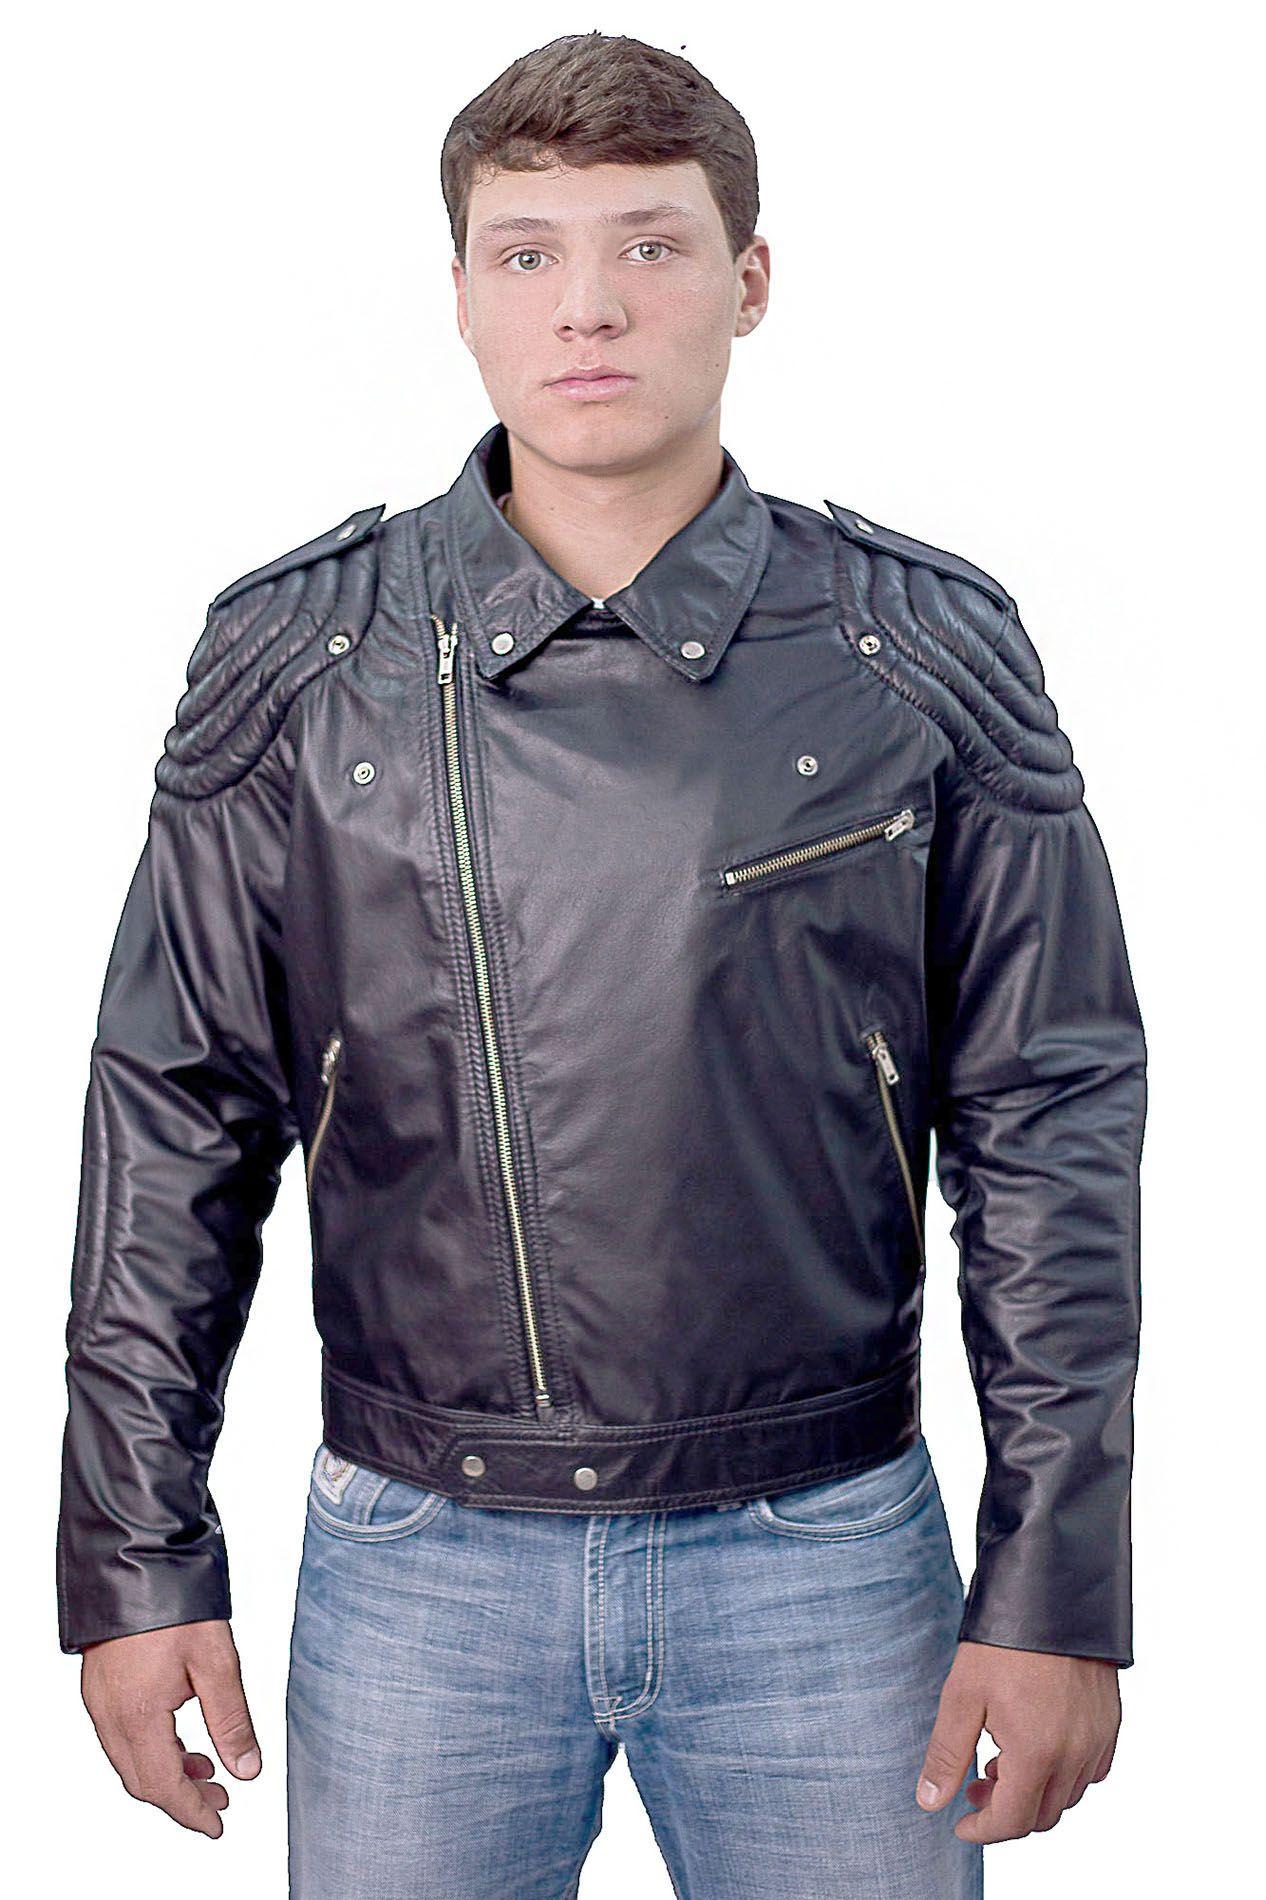 Jaqueta Motociclista Prata Couro 05 em Couro Bovino